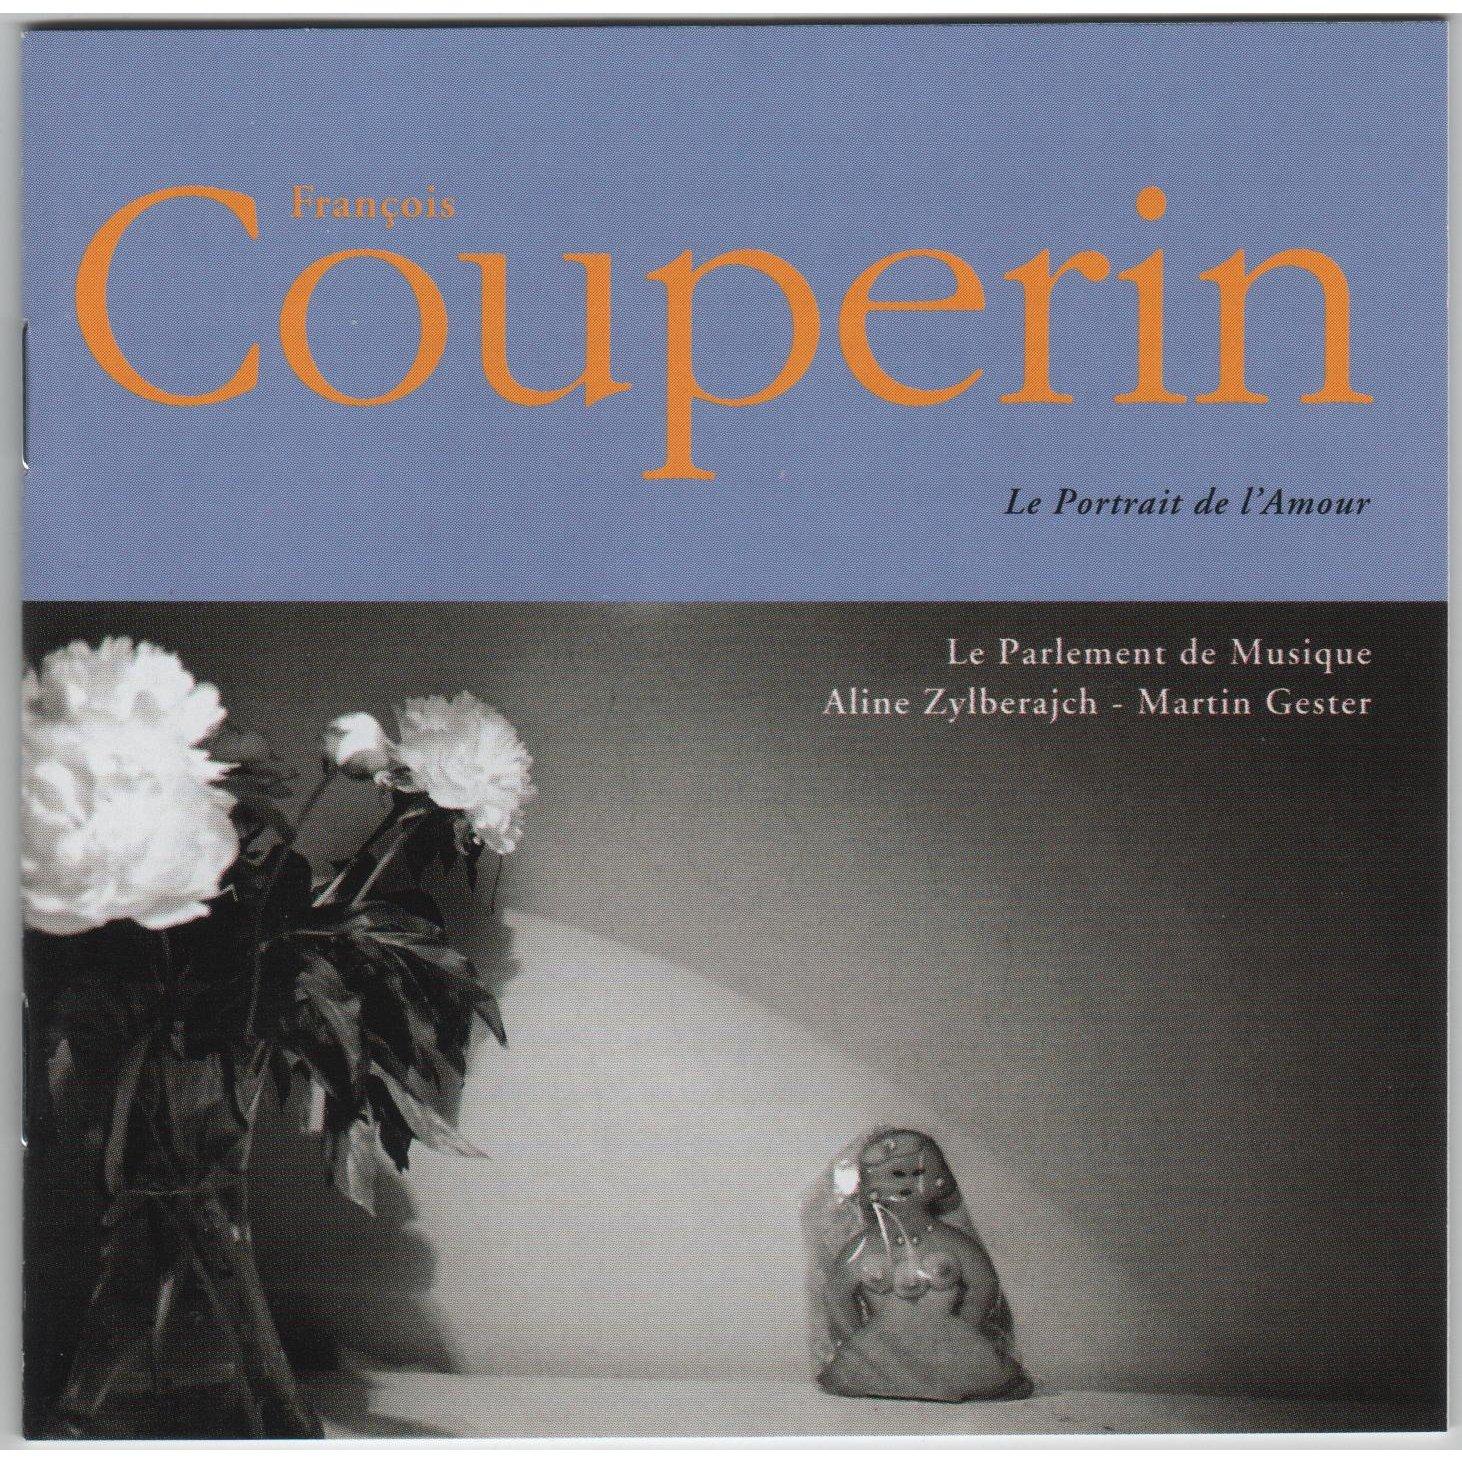 Couperin - Le Parlement de Musique, Aline Zylberajch, Martin Gester Le Portrait de l'Amour Vinyl